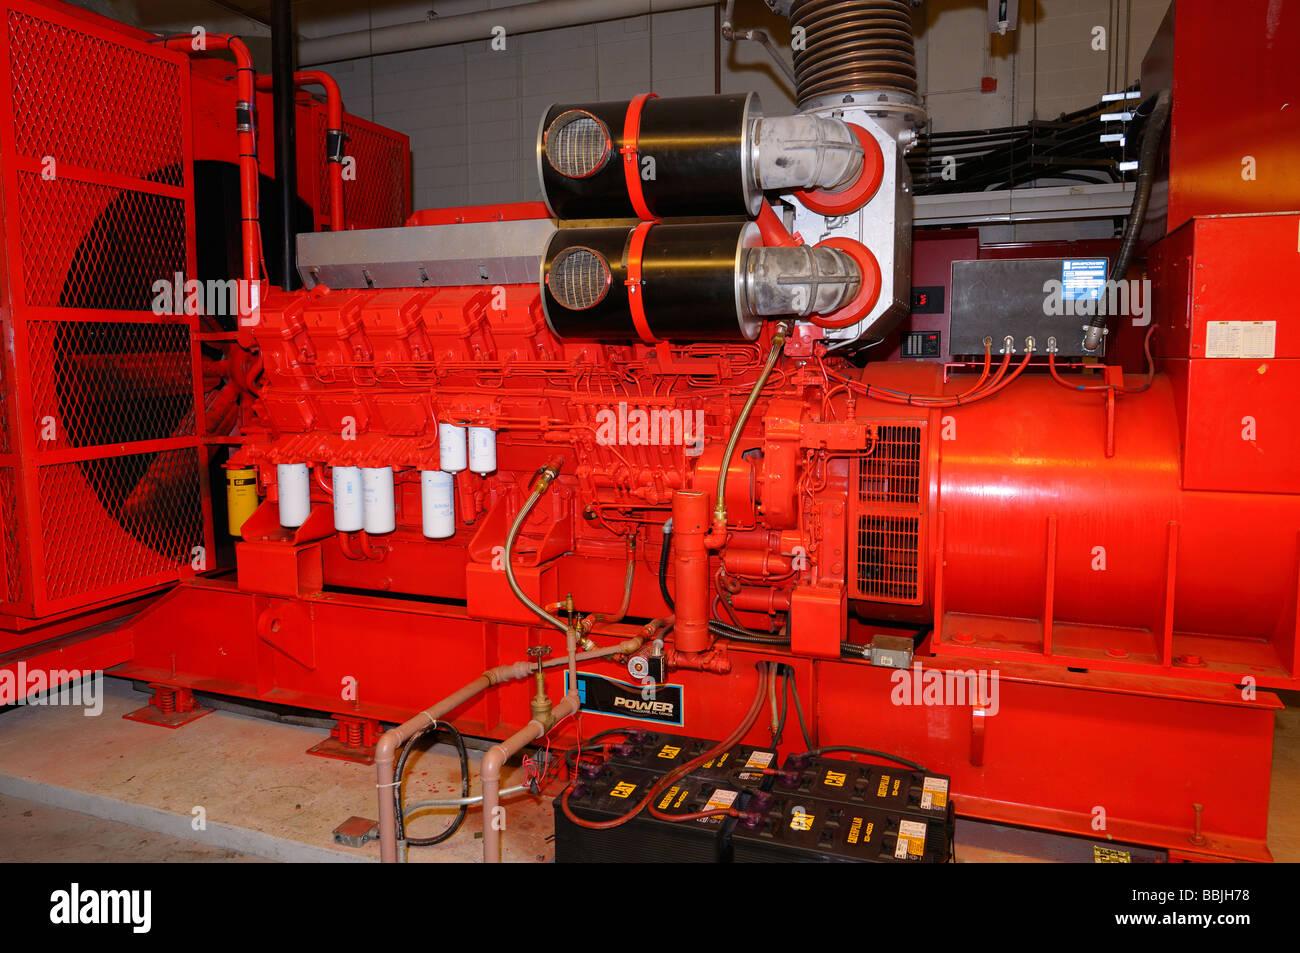 Un grande motore diesel per il potere di riserva sul tetto del grattacielo edificio per uffici Immagini Stock